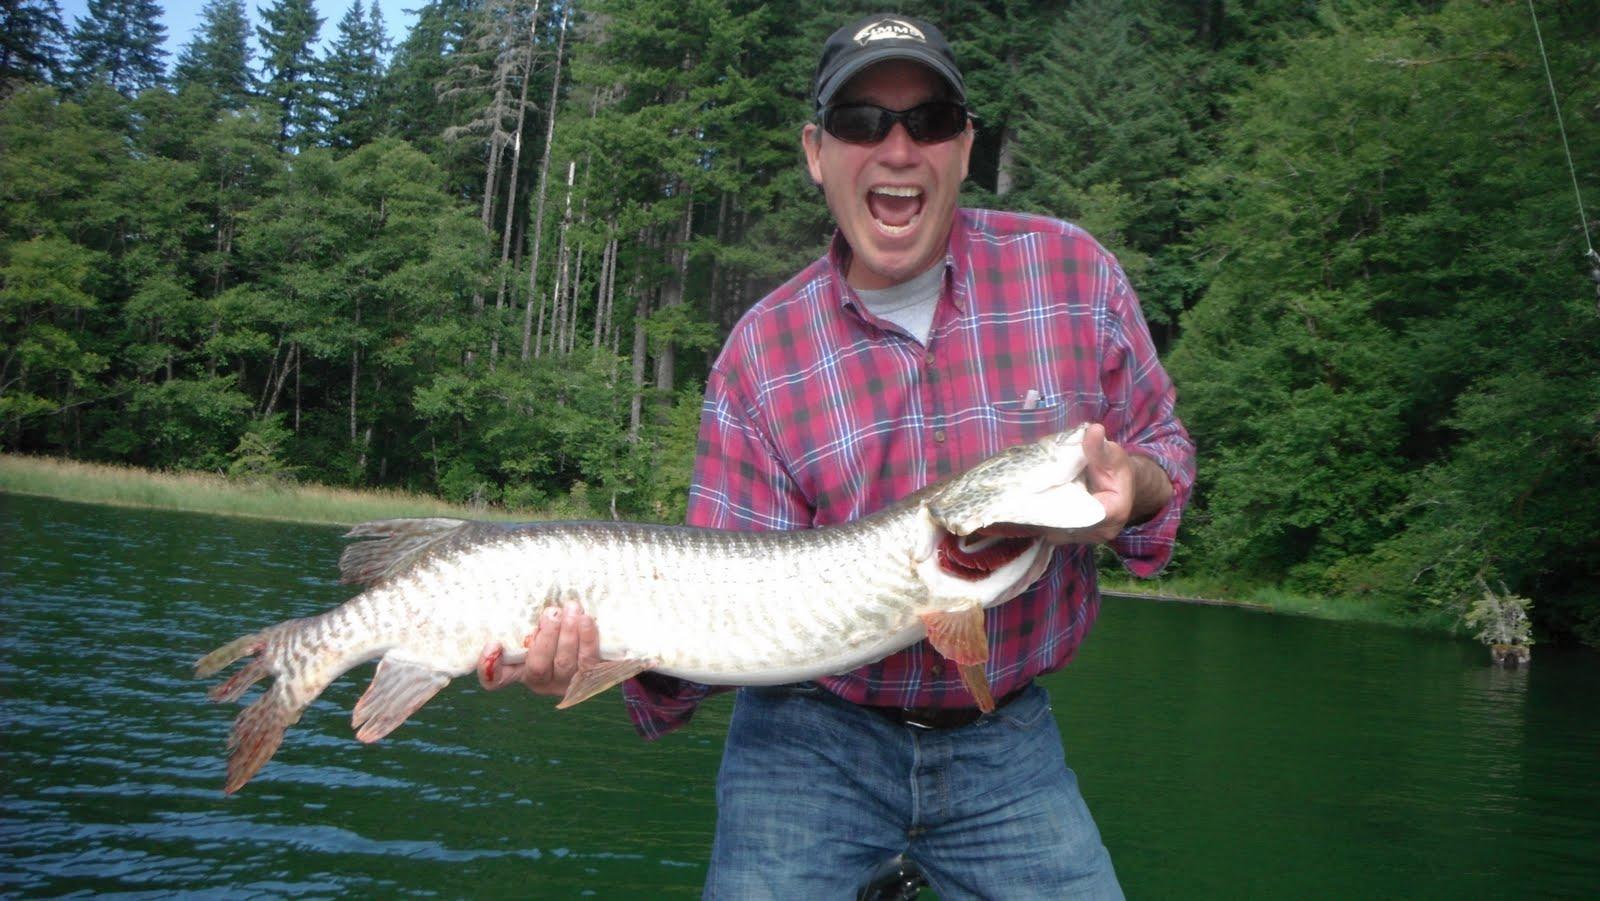 Forever fishing washington state tiger muskie fishing in for Tiger muskie fishing